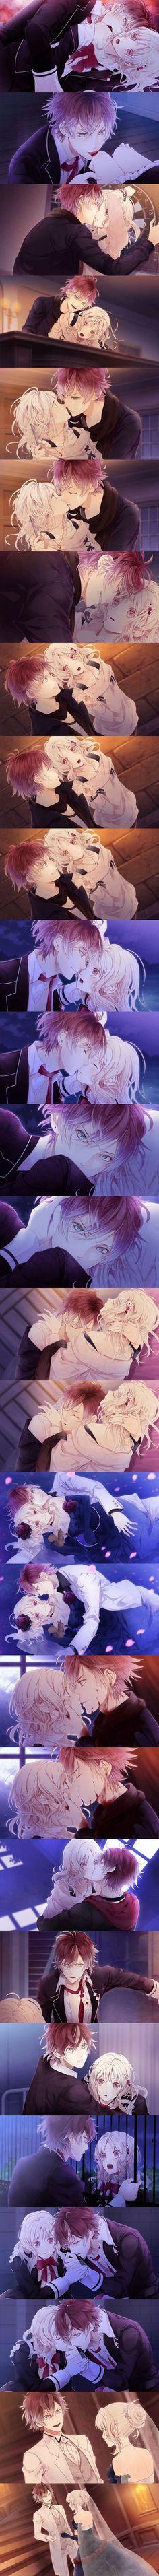 Diabolik lovers, vampire anime Ayato X Yui Manga Anime, Anime Kiss, Anime Naruto, Manga Love, I Love Anime, Awesome Anime, Subaru Sakamaki, Ayato Sakamaki, Noragami